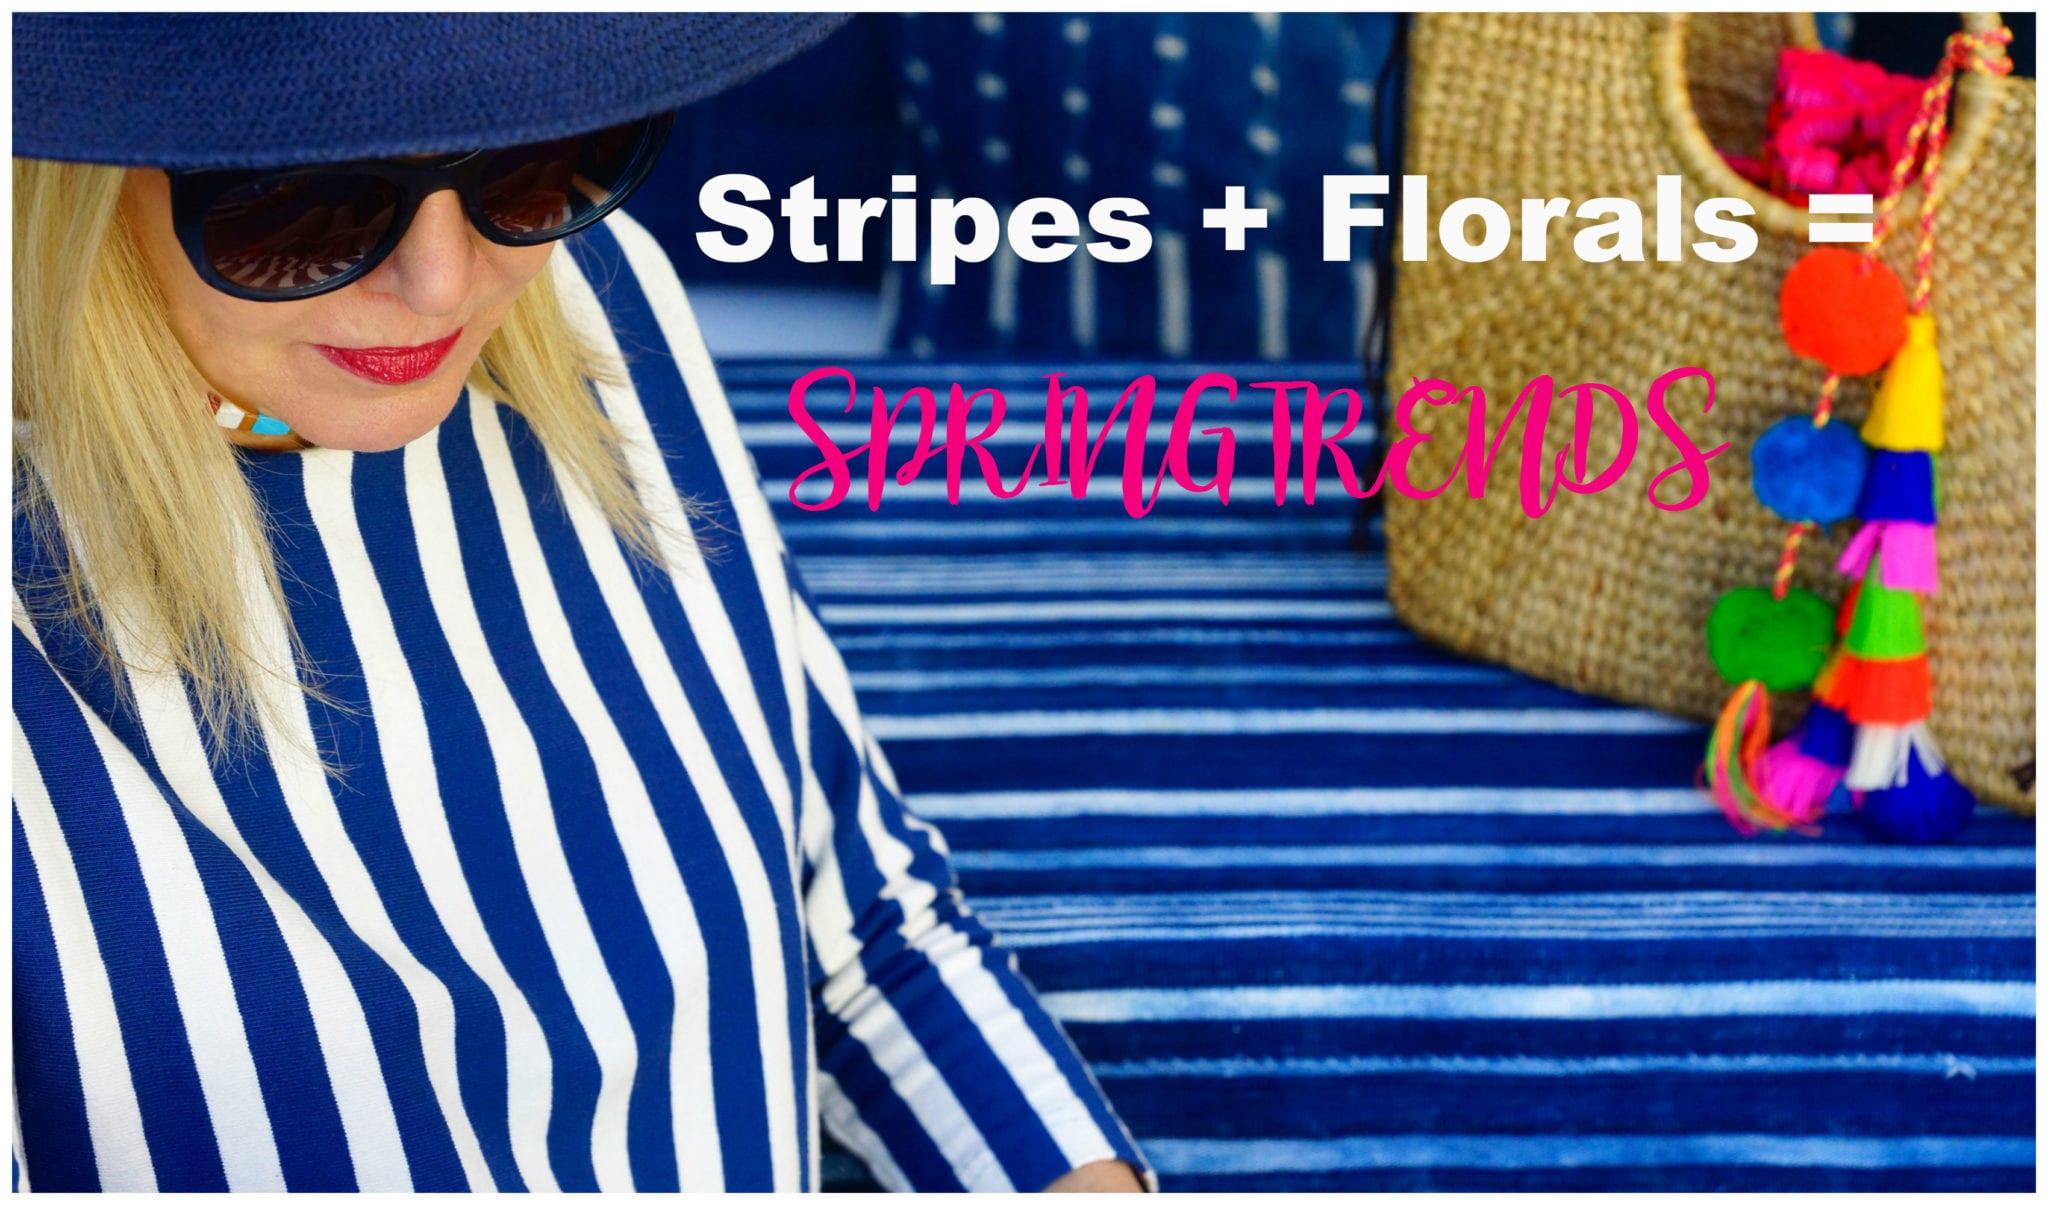 Stripes + Florals = SPRING TRENDS